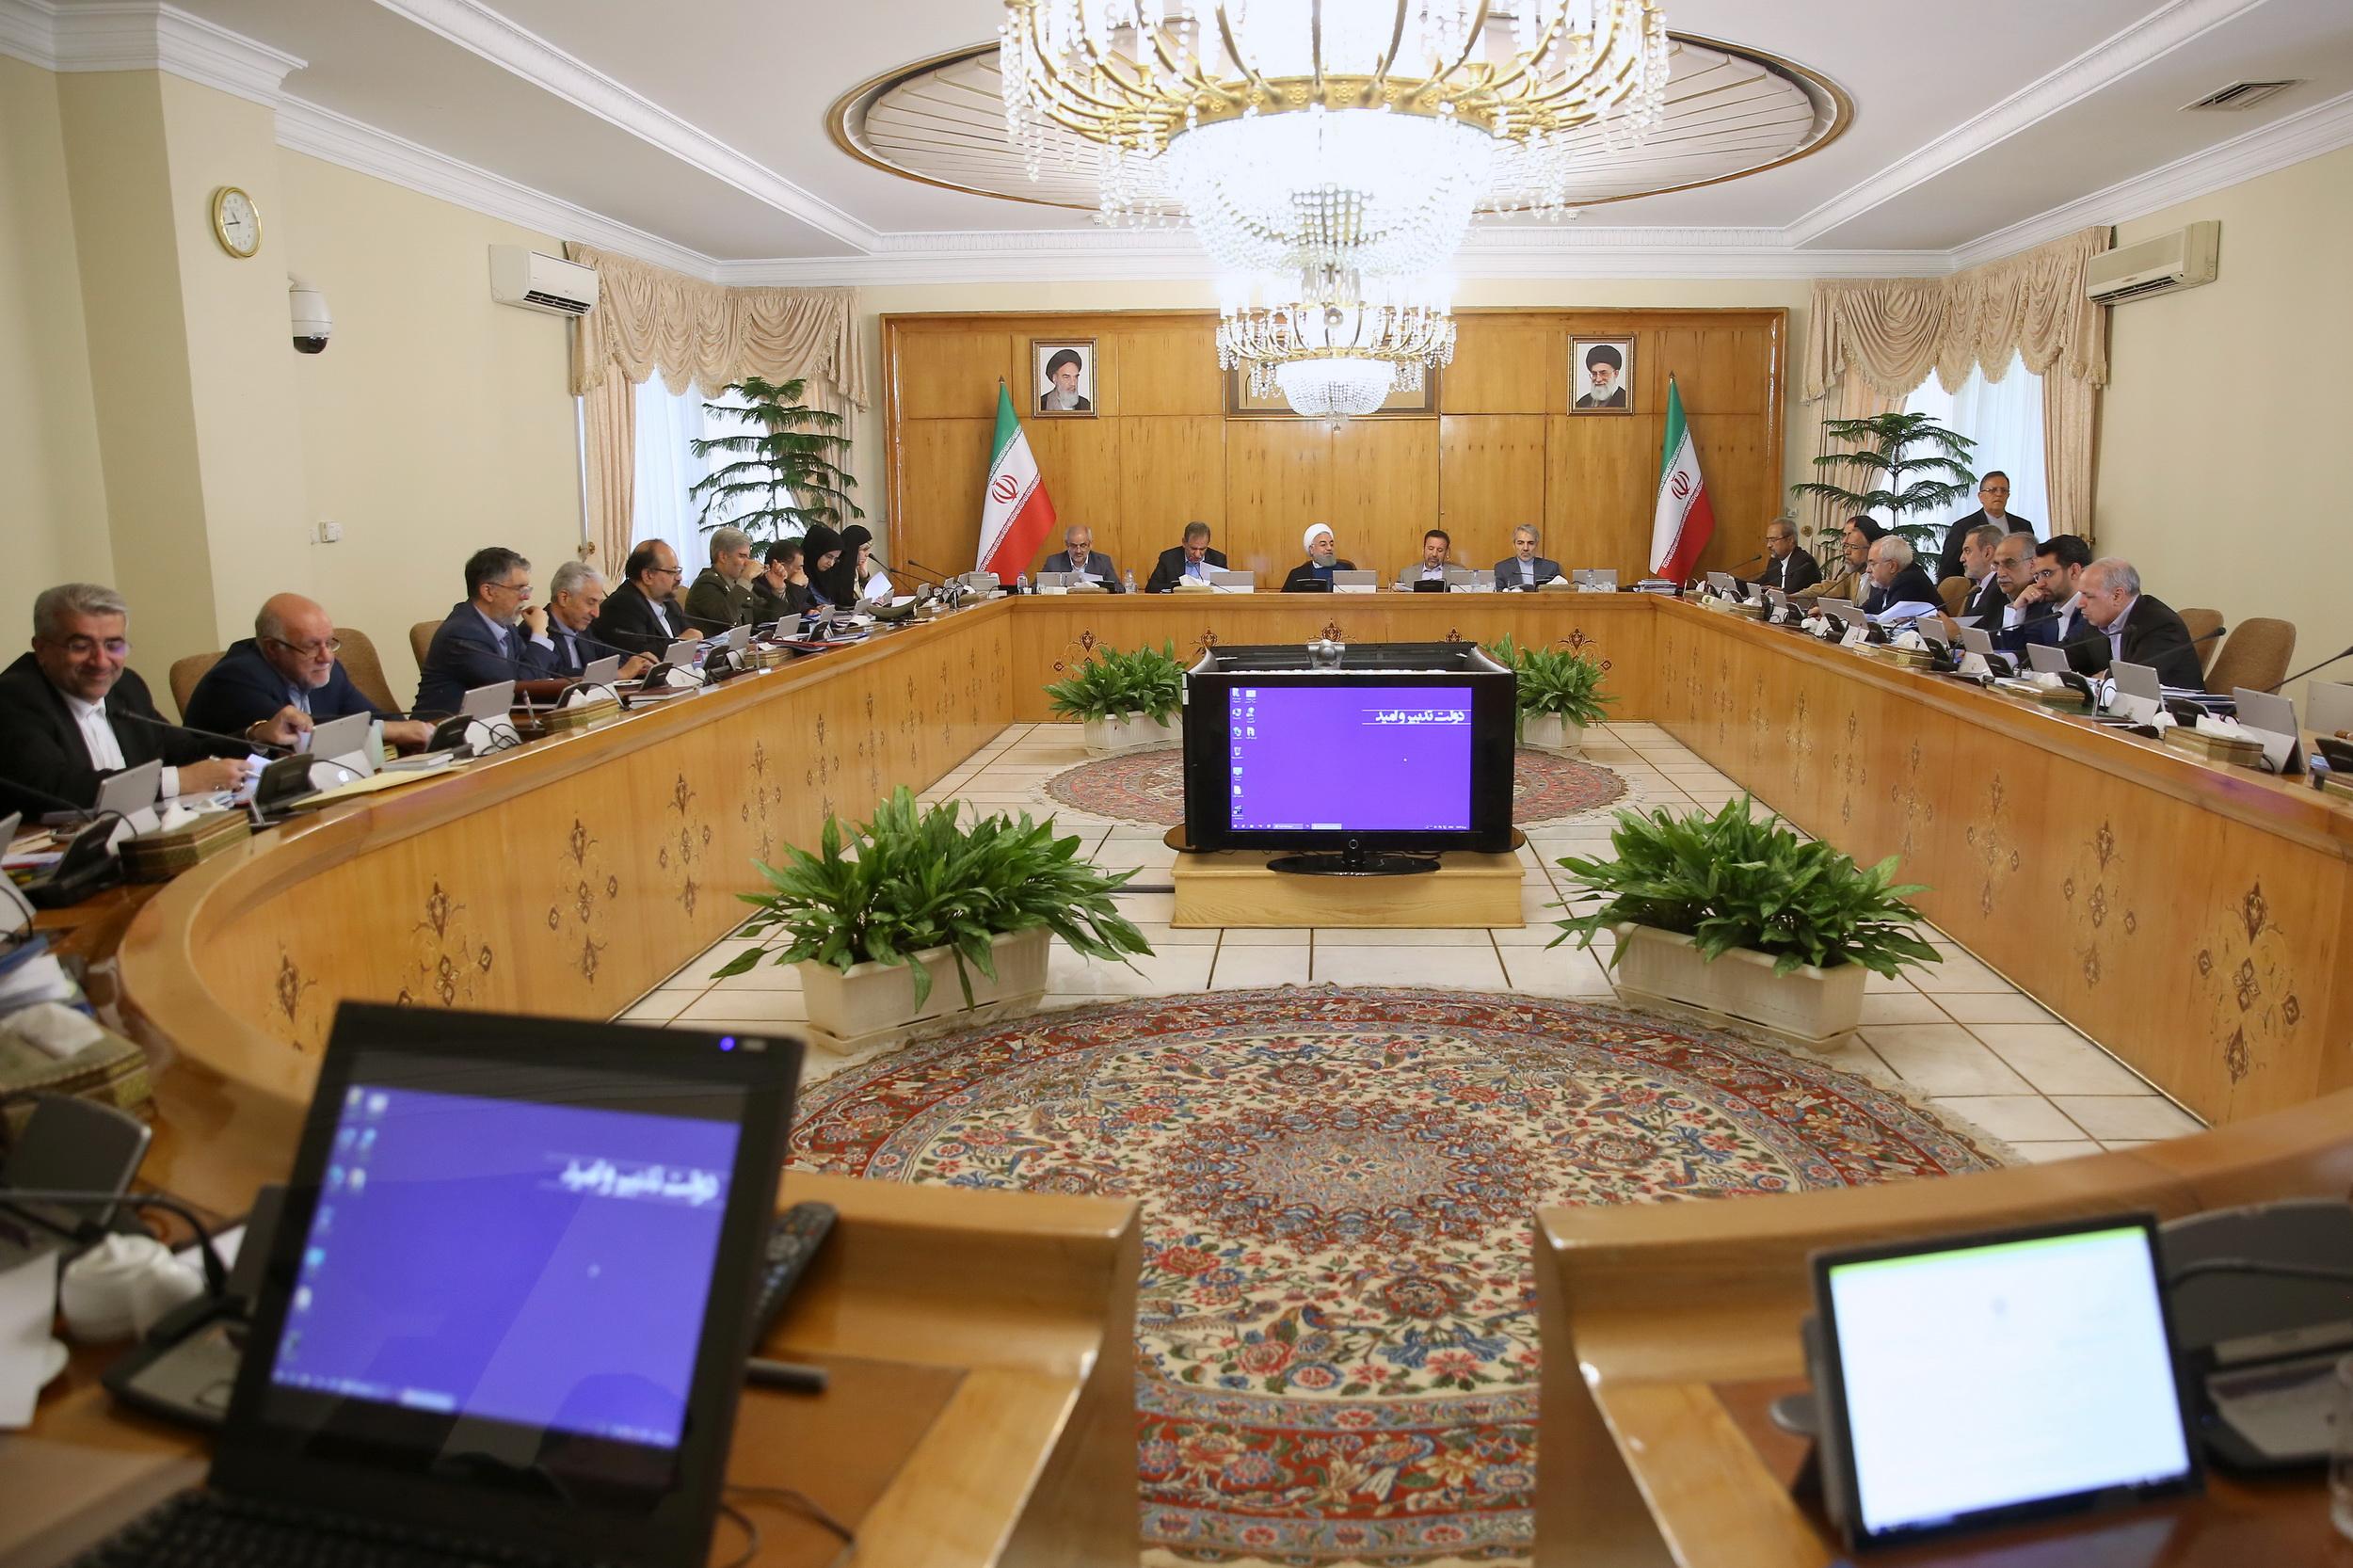 تصویب آییننامه اجرایی تسویه مطالبات و بدهیهای دولت از طریق صدور اسناد تسویه خزانه